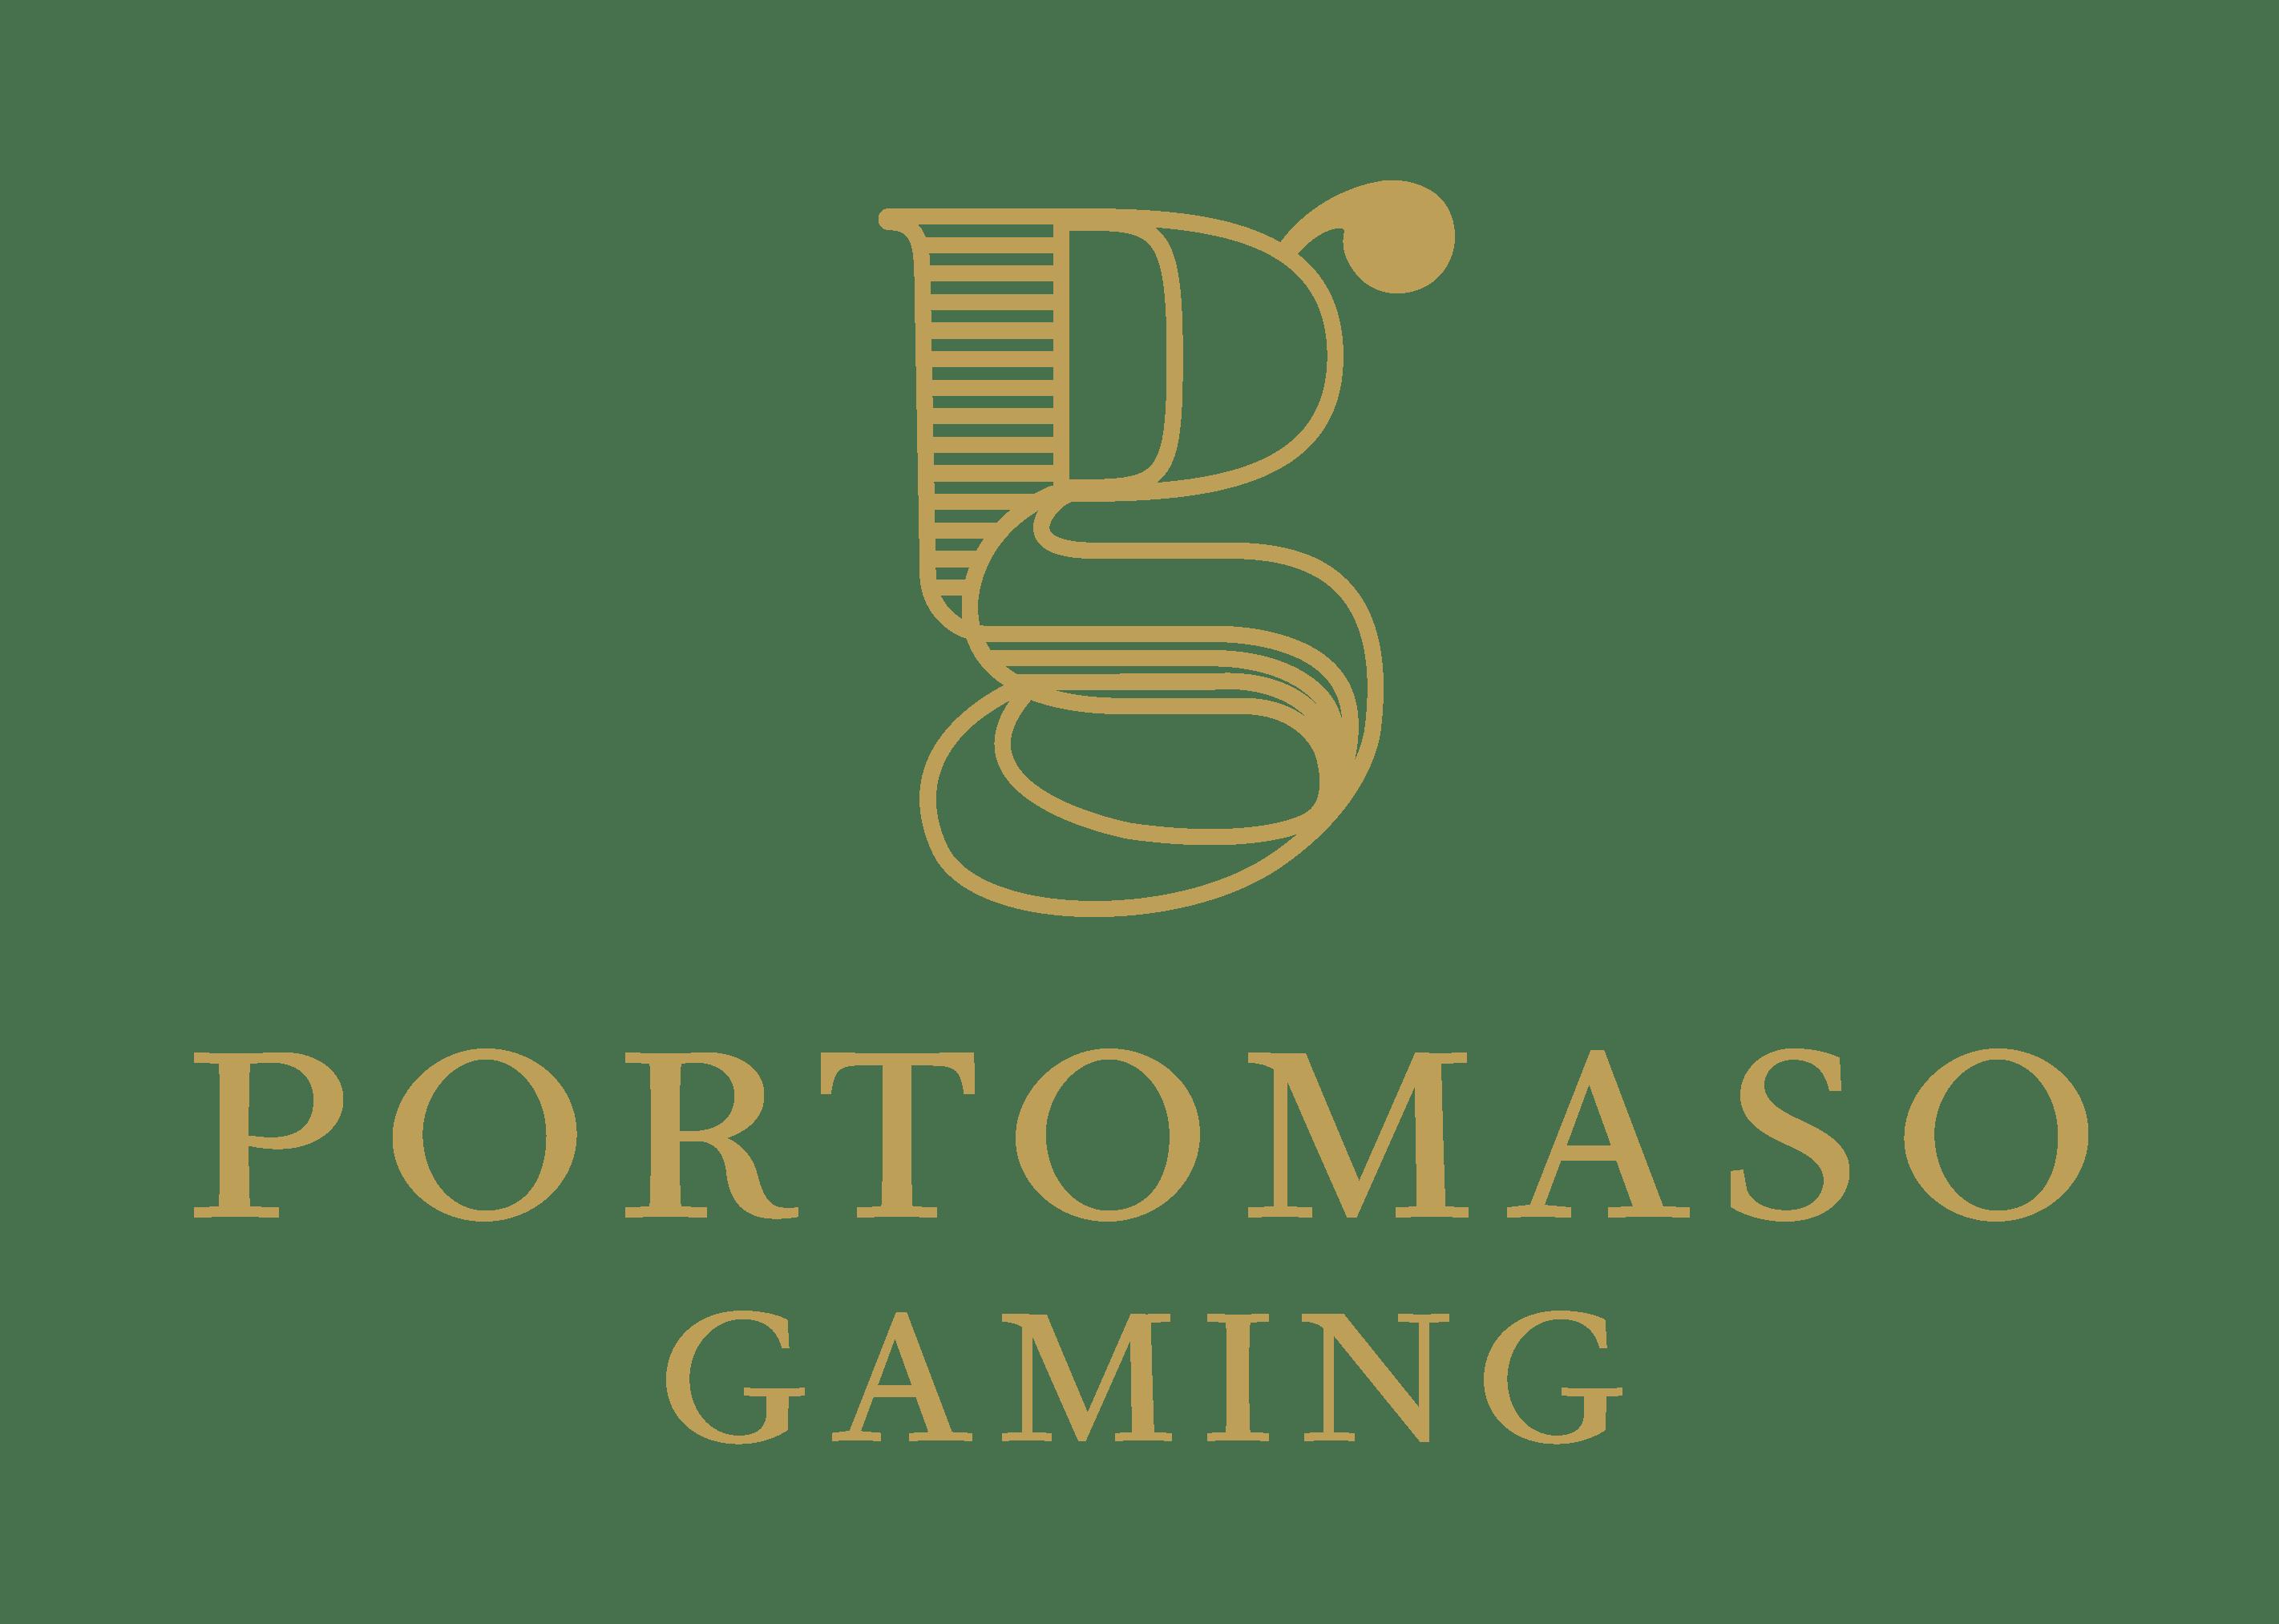 Portomaso Gaming games